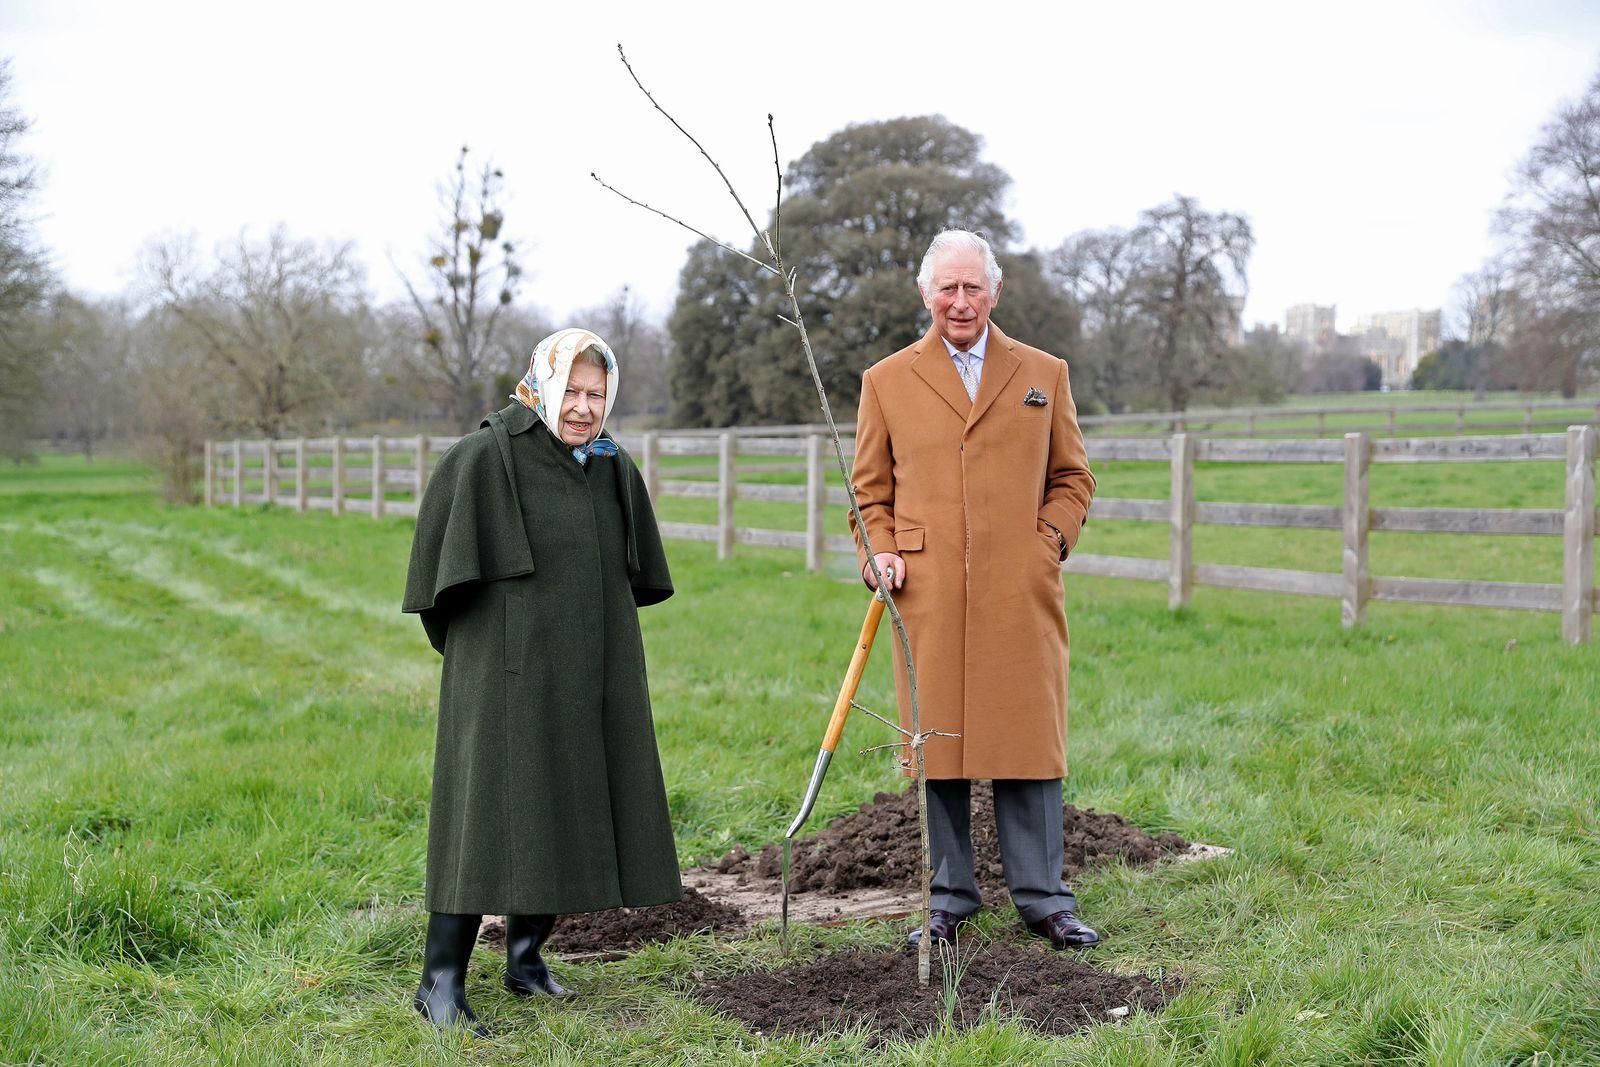 «Grüner Baldachin»: Aufruf zum Bäumepflanzen vor Queen-Jubiläum